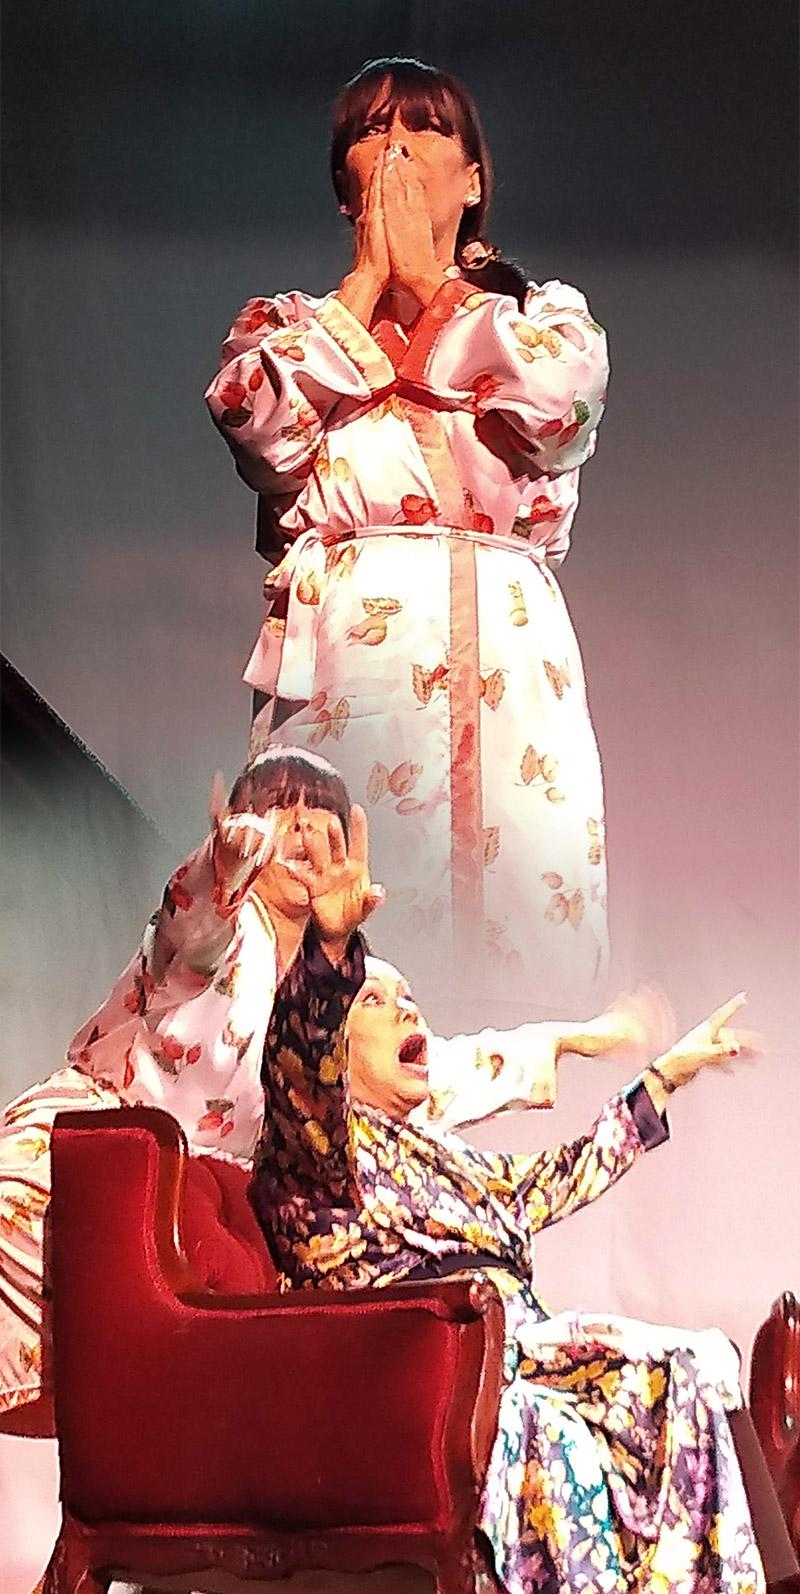 Haydeé Cáceres y Silvia Bardales nos divierten muchísimo en Señoritas a Disgusto - ArtesUnidas.com